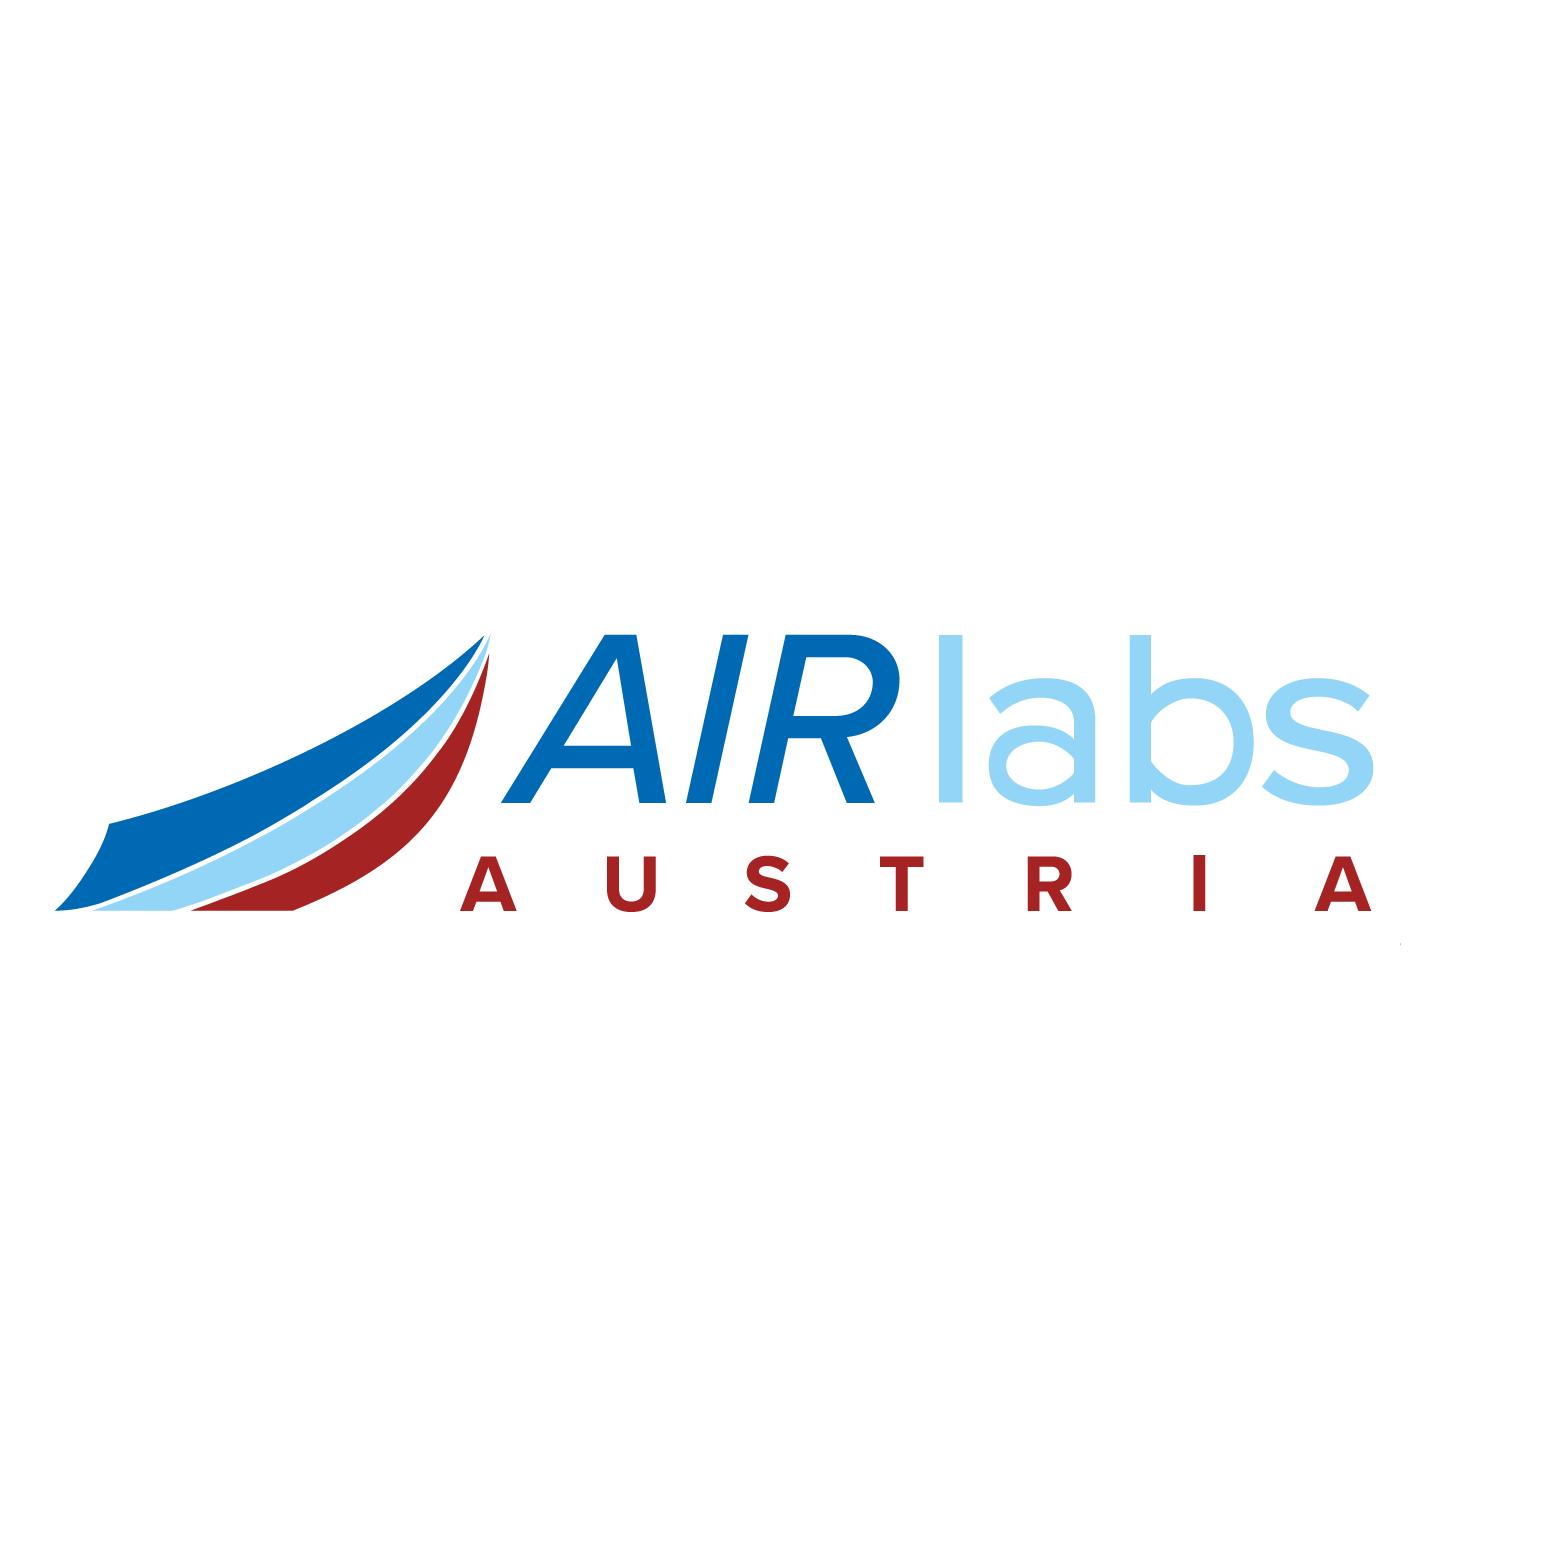 AIR labs Austria Logo